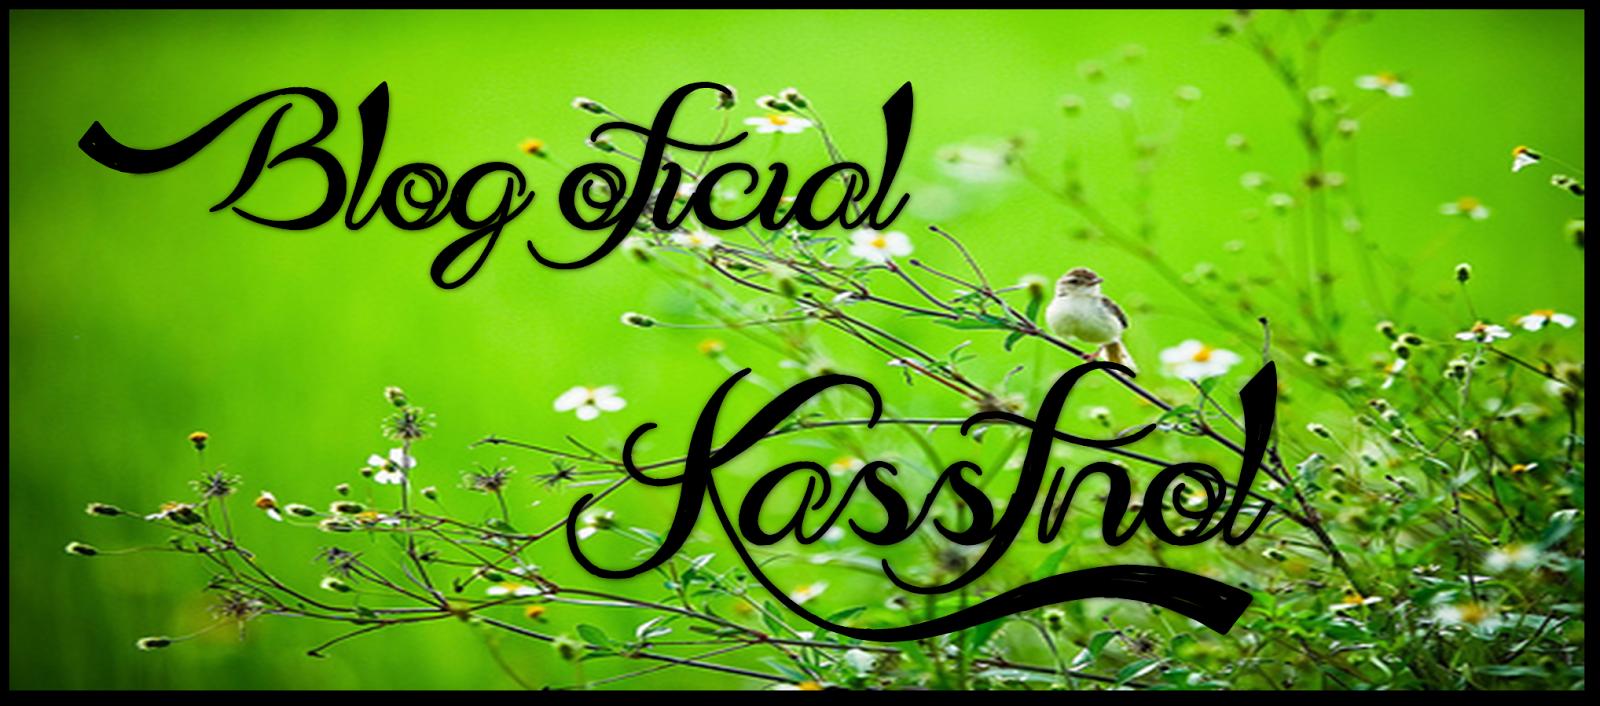 Kassfinol